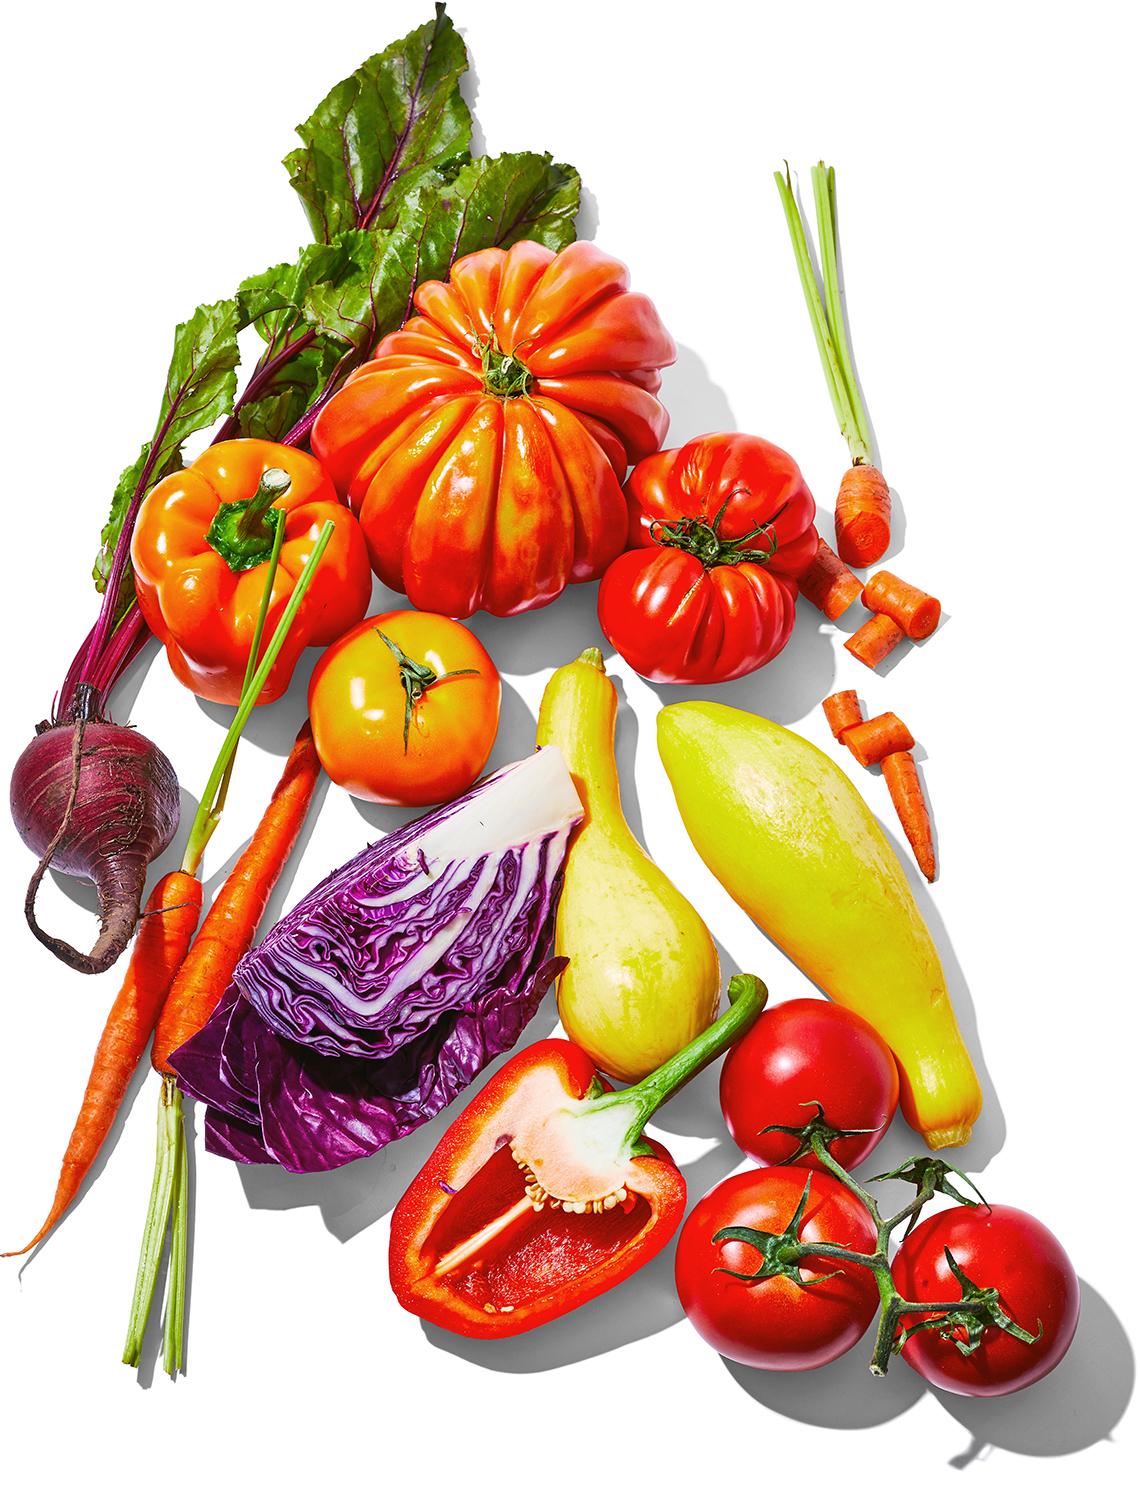 Variedad colorida de verduras frescas